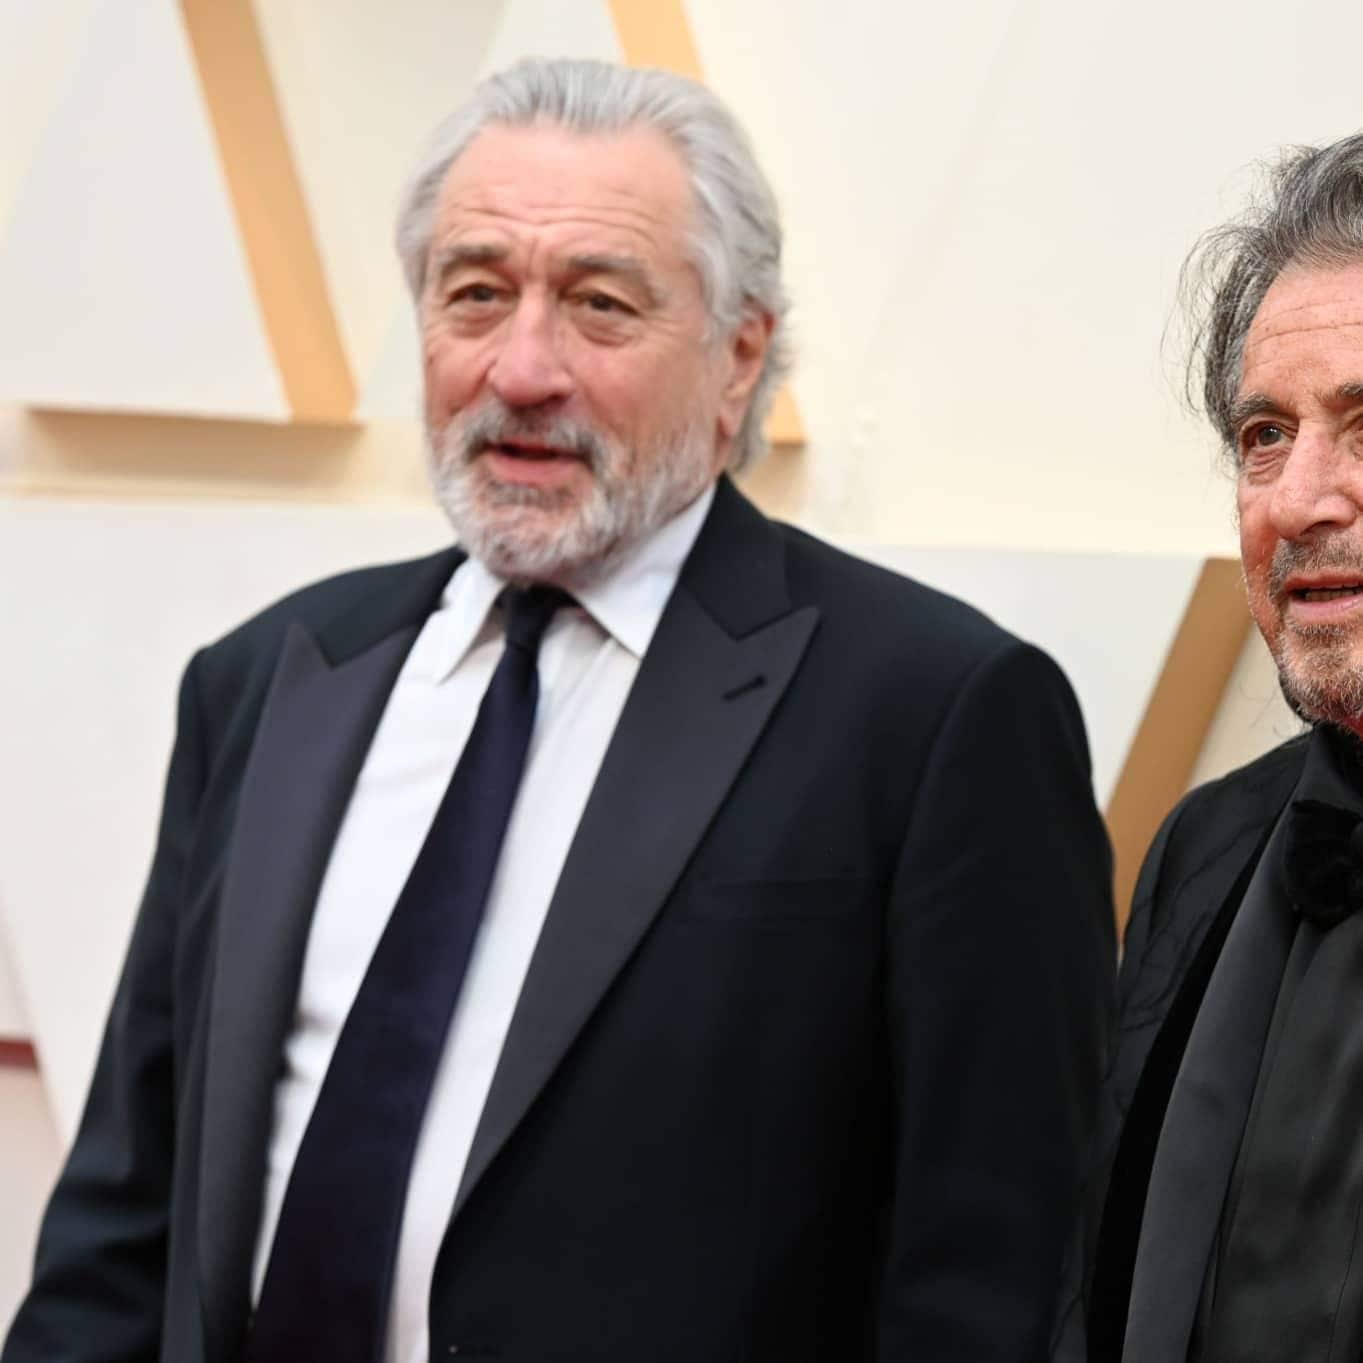 Oscar's 2020: 'जोकर' फ़ीनिक्स से लेकर 'ब्लैक विडो' जोहानसन तक, रेड कार्पेट पर स्टार्स के फैशन का फुल जलवा!